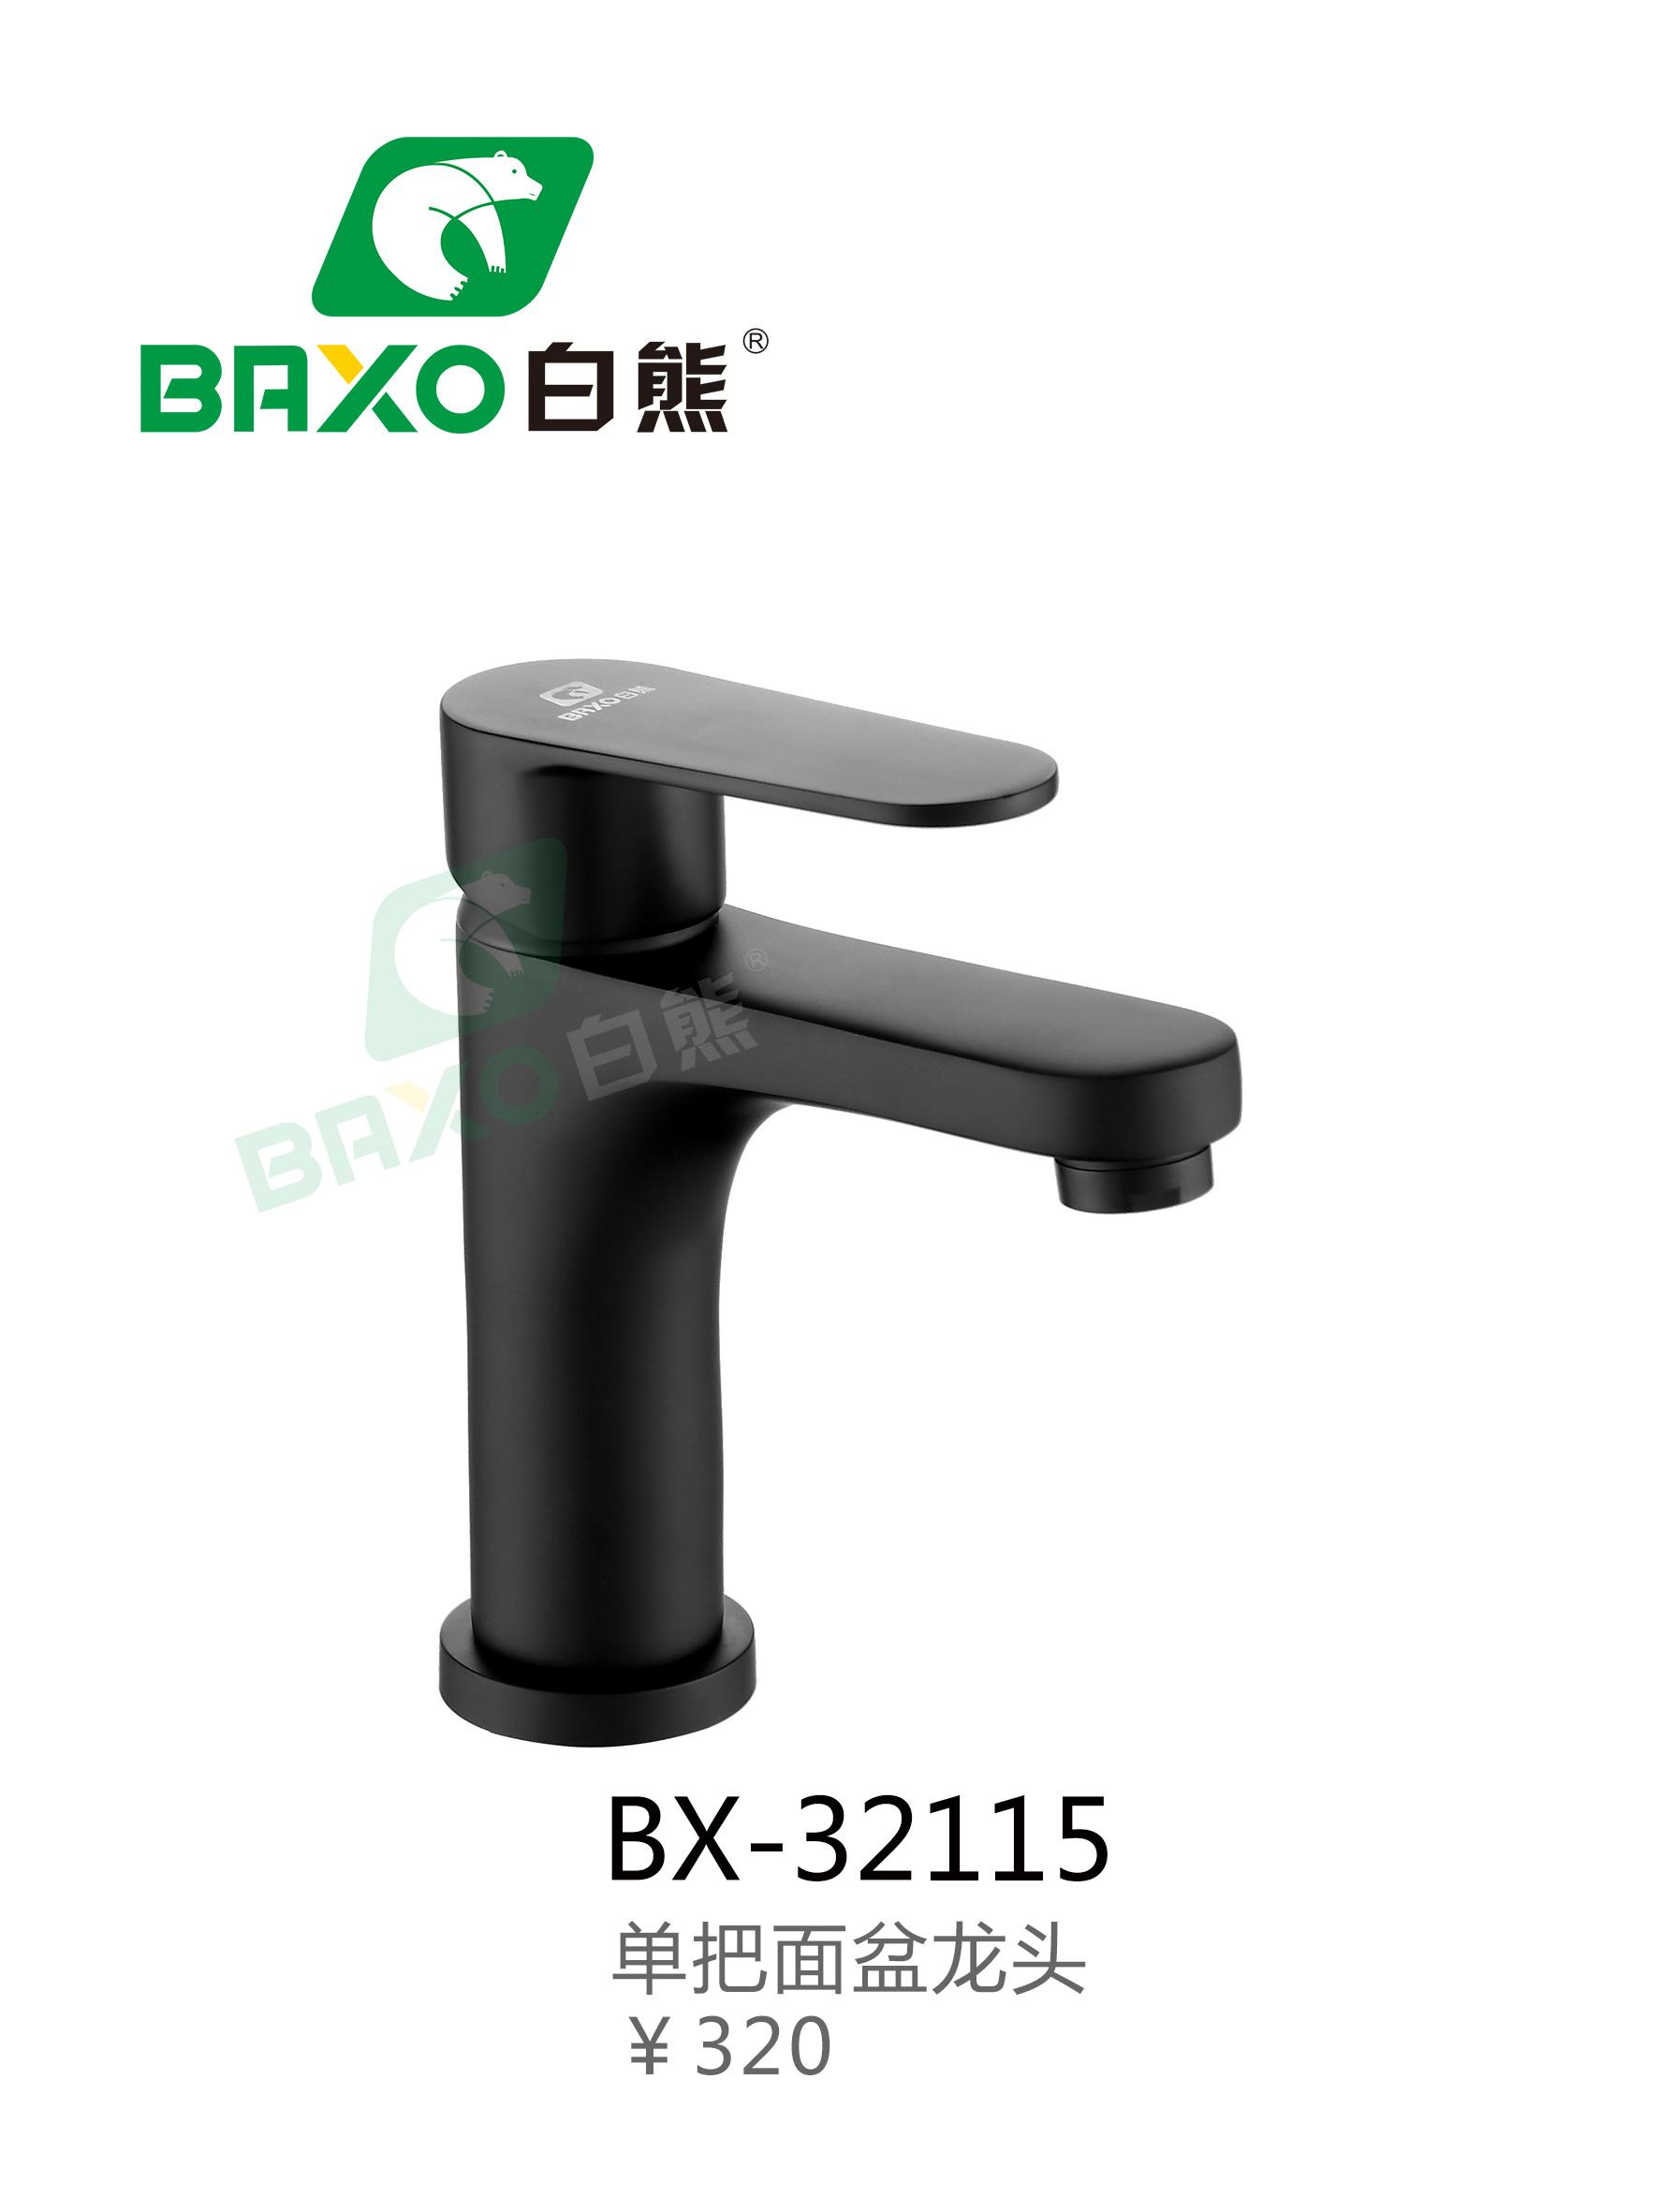 BX-32115单把面盆龙头